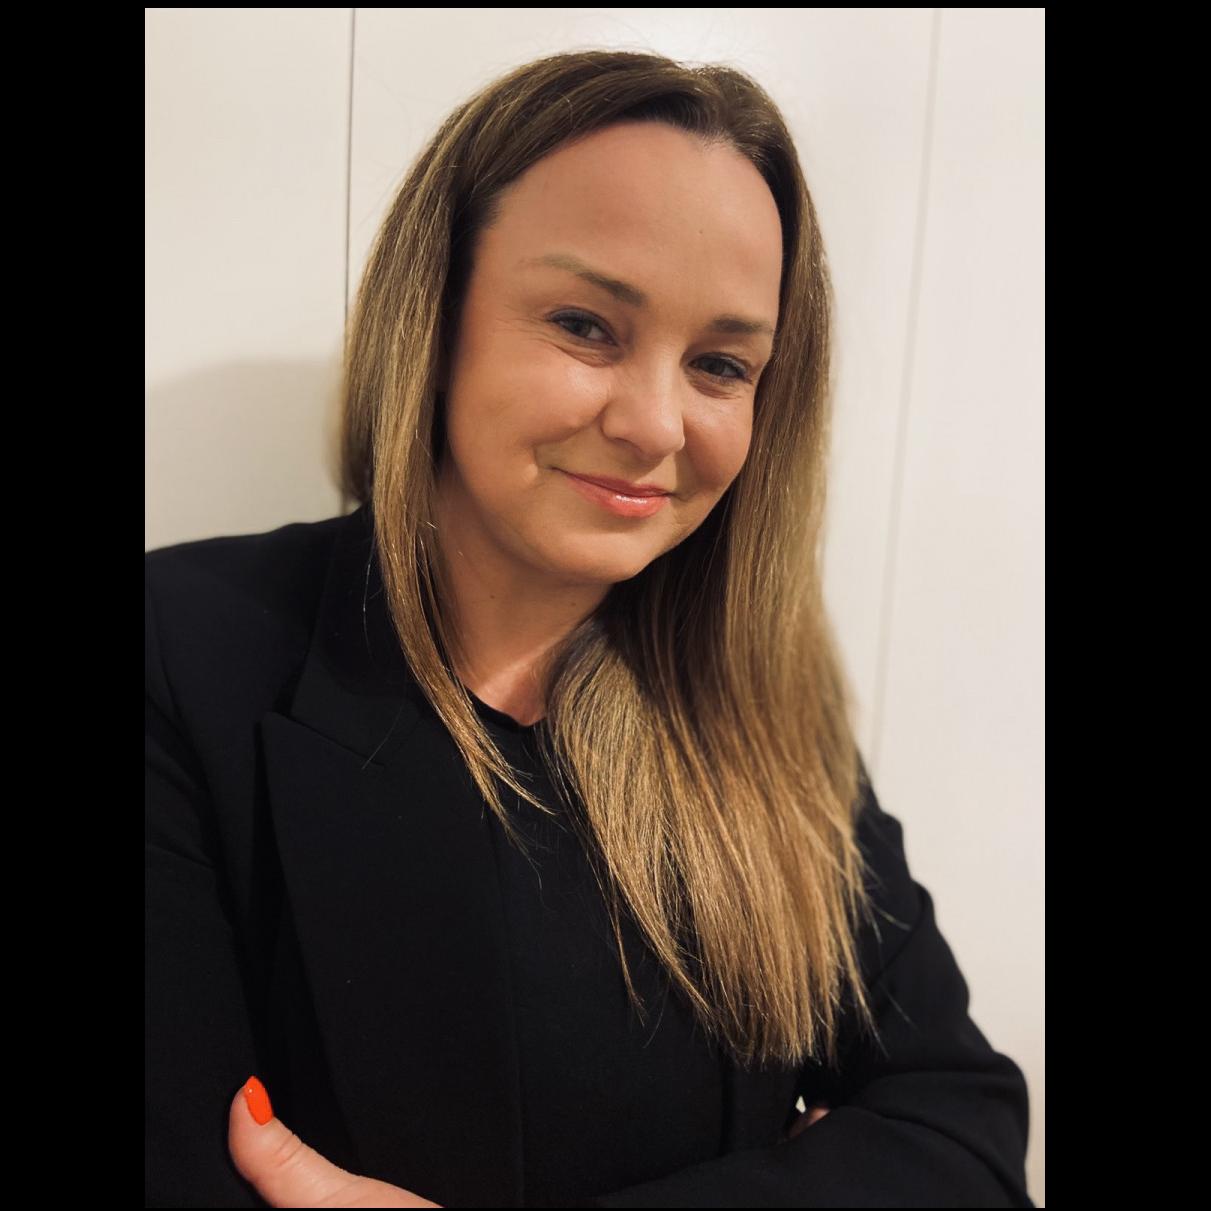 Magdalena Szabelska